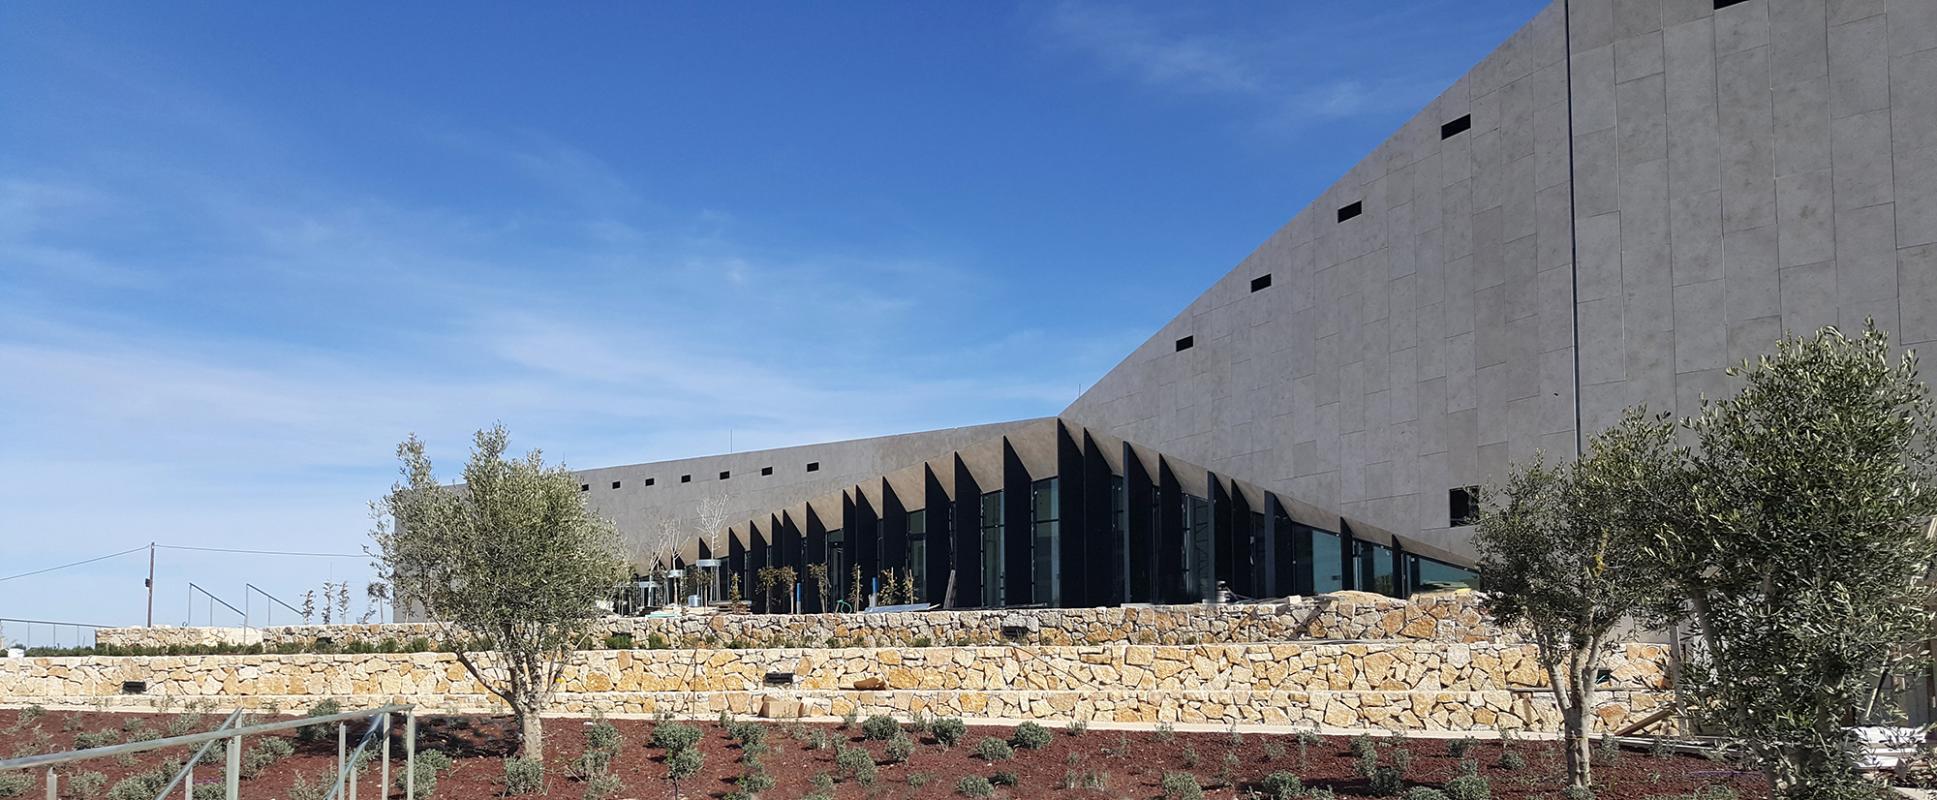 Façades vitrées et enveloppe en pierre du Musée Palestinien.